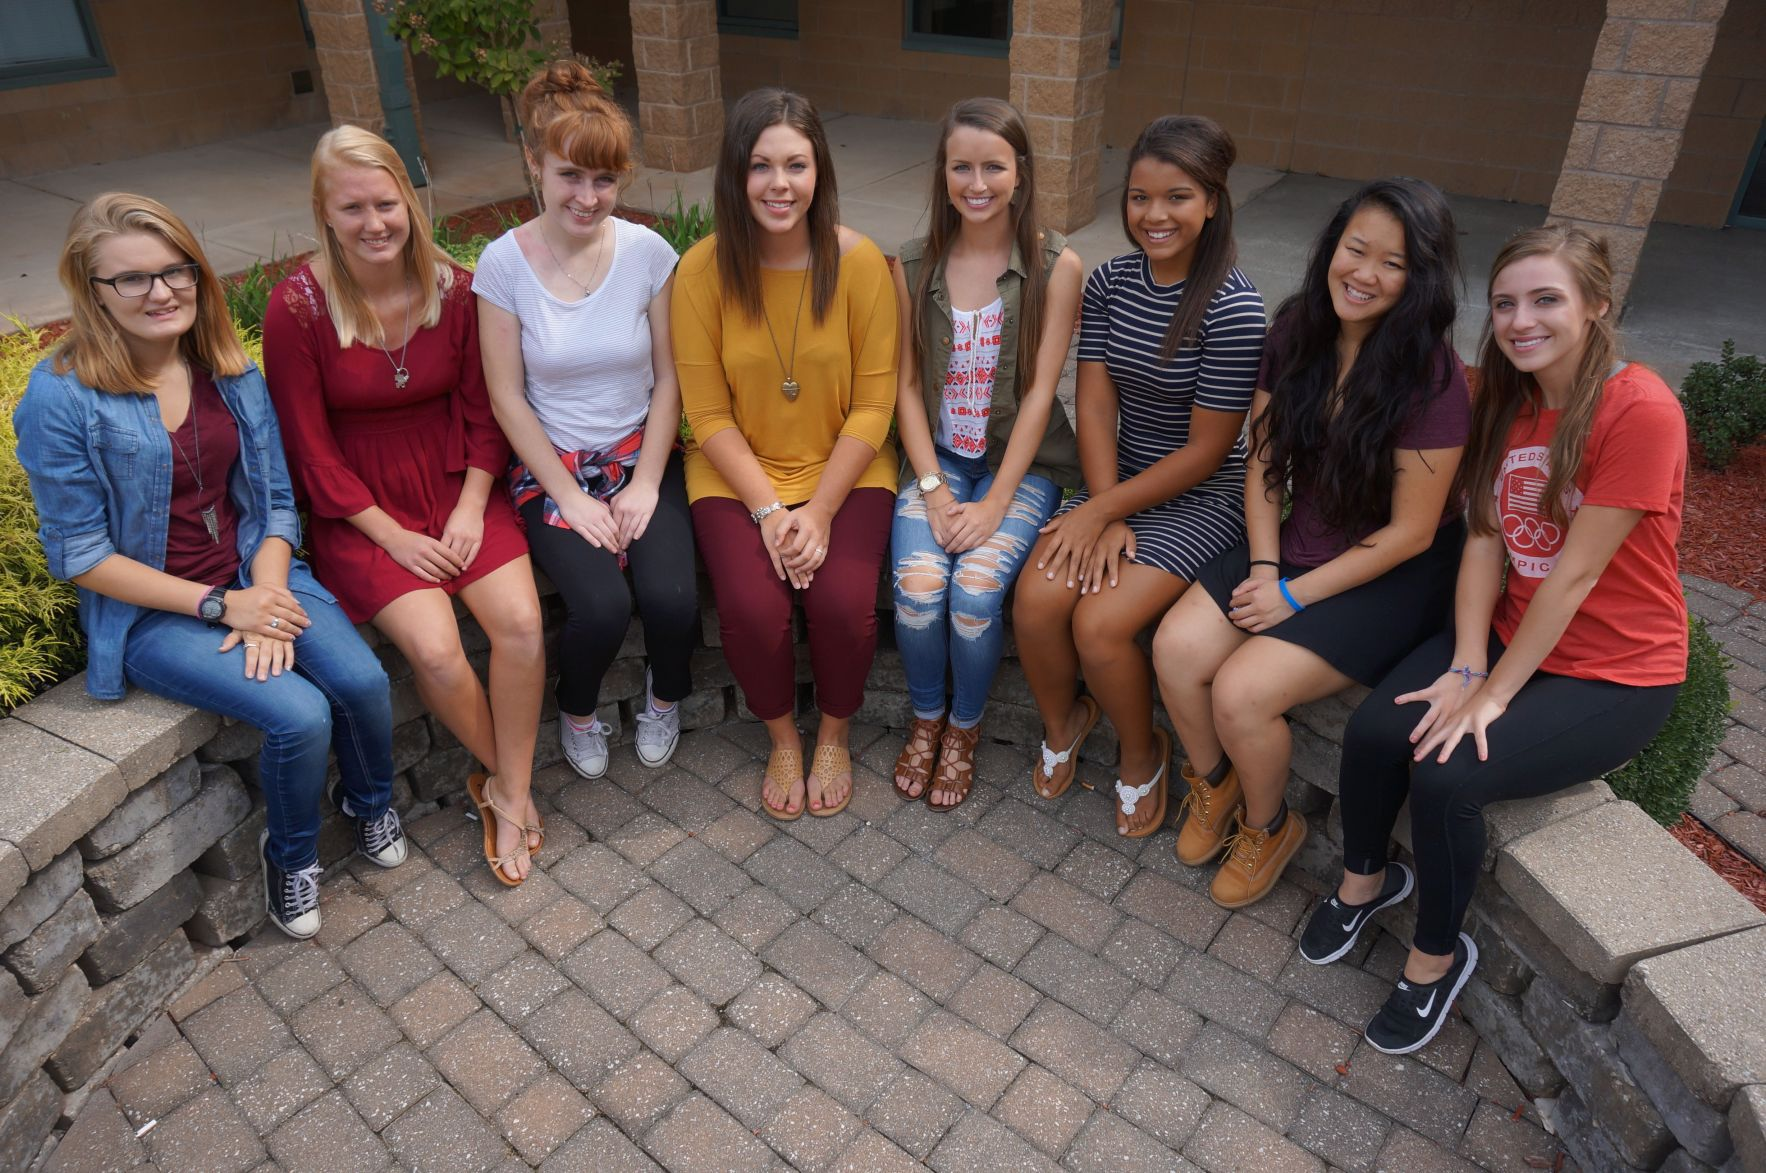 Search for Local Single 50 Women in Farmington